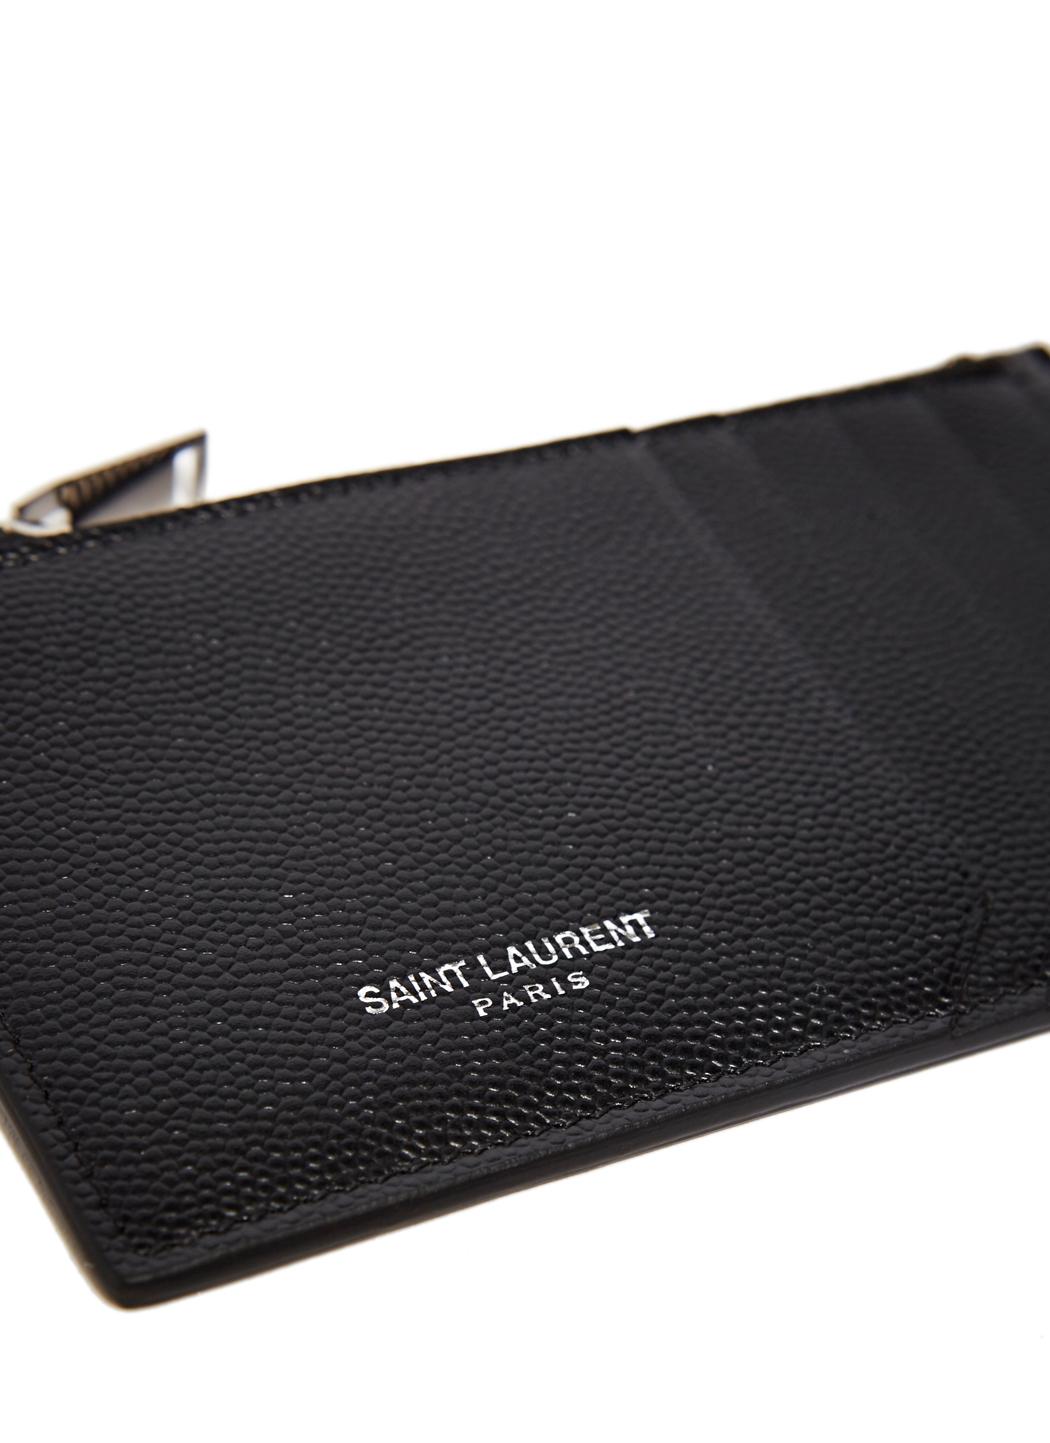 Pebble-grain Leather Pouch Saint Laurent OI05t